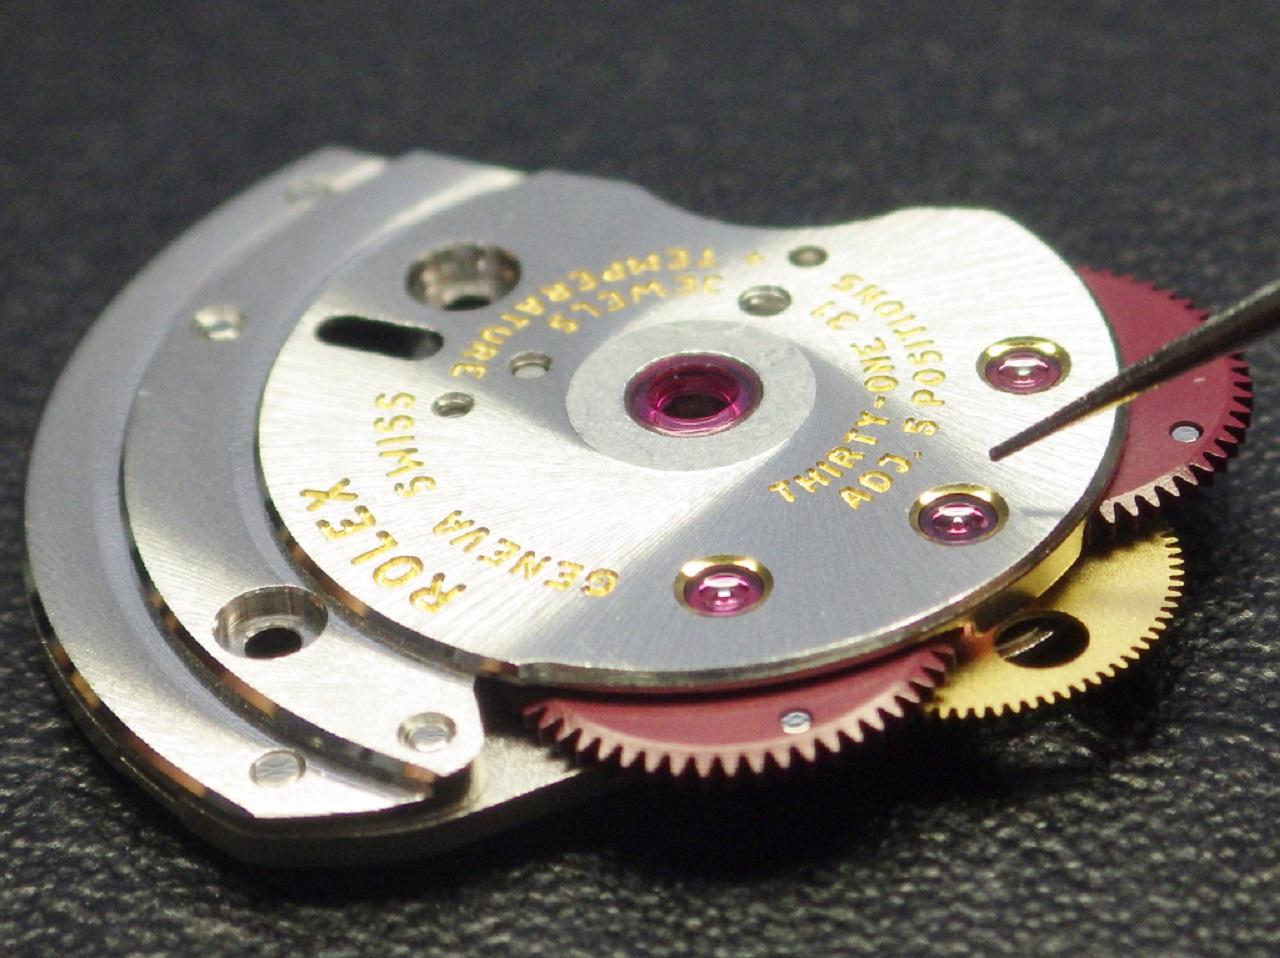 腕時計,お手入れ術,メンテナンス,オーバーホール,家men